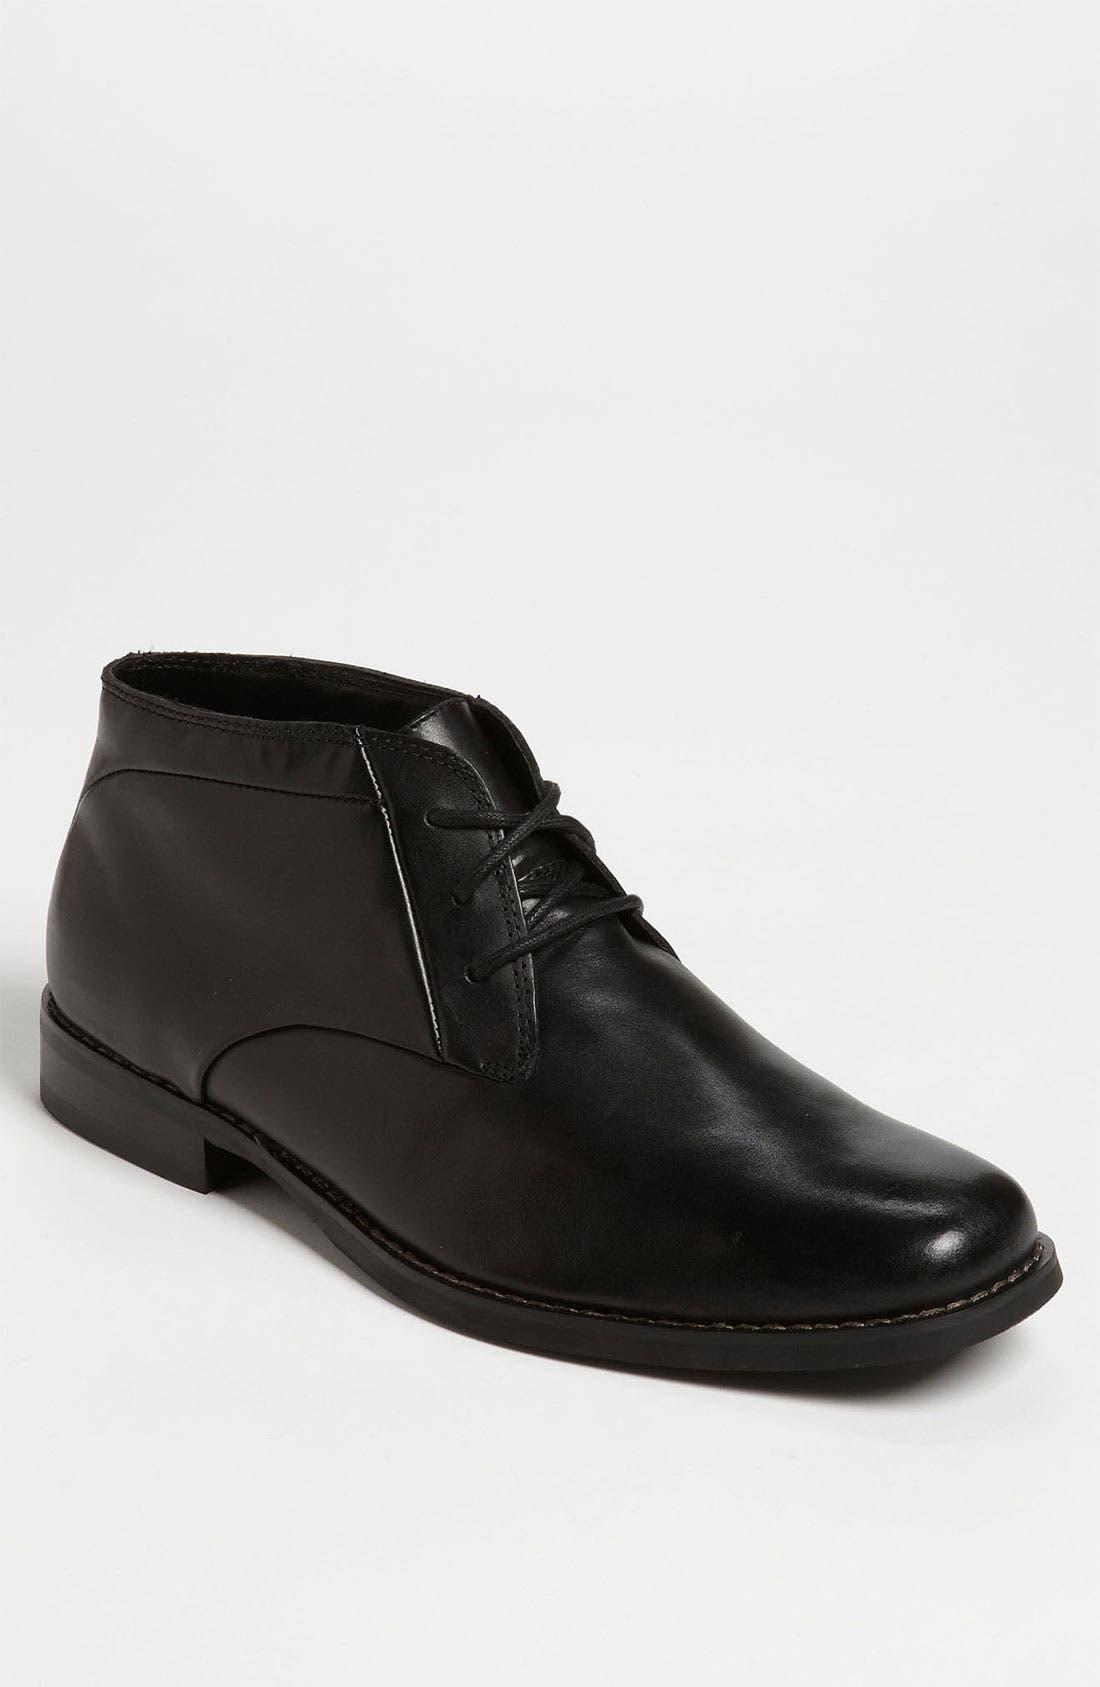 Main Image - Calvin Klein 'Smith' Chukka Boot (Online Exclusive)